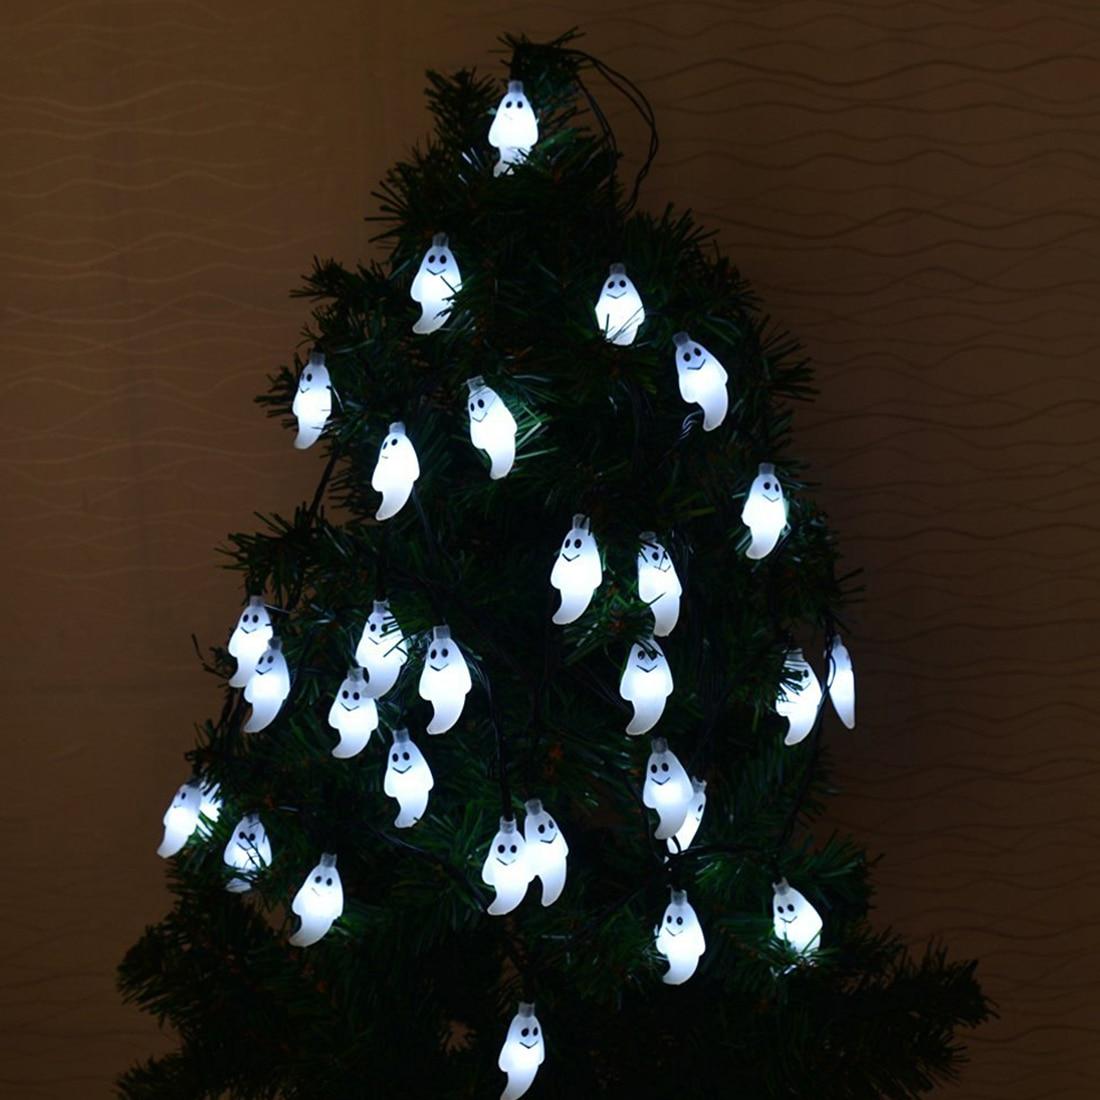 Светодиодный строки фонарики лампа 10 светодиодный 1,5 м Хэллоуин Декор Призрак для DIY домашний бар Открытый вечерние поставки